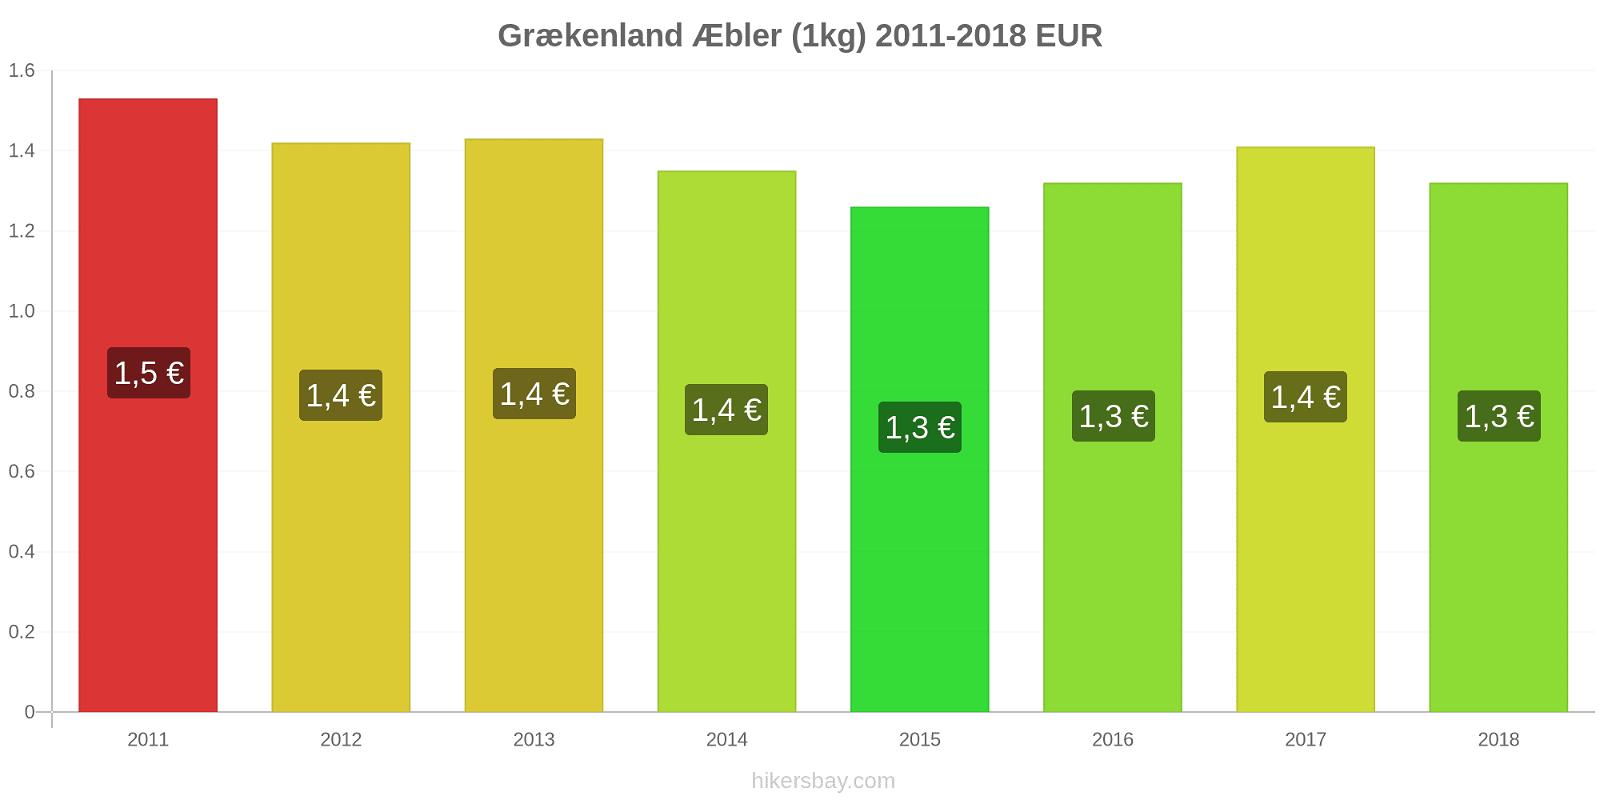 Grækenland prisændringer Æbler (1kg) hikersbay.com